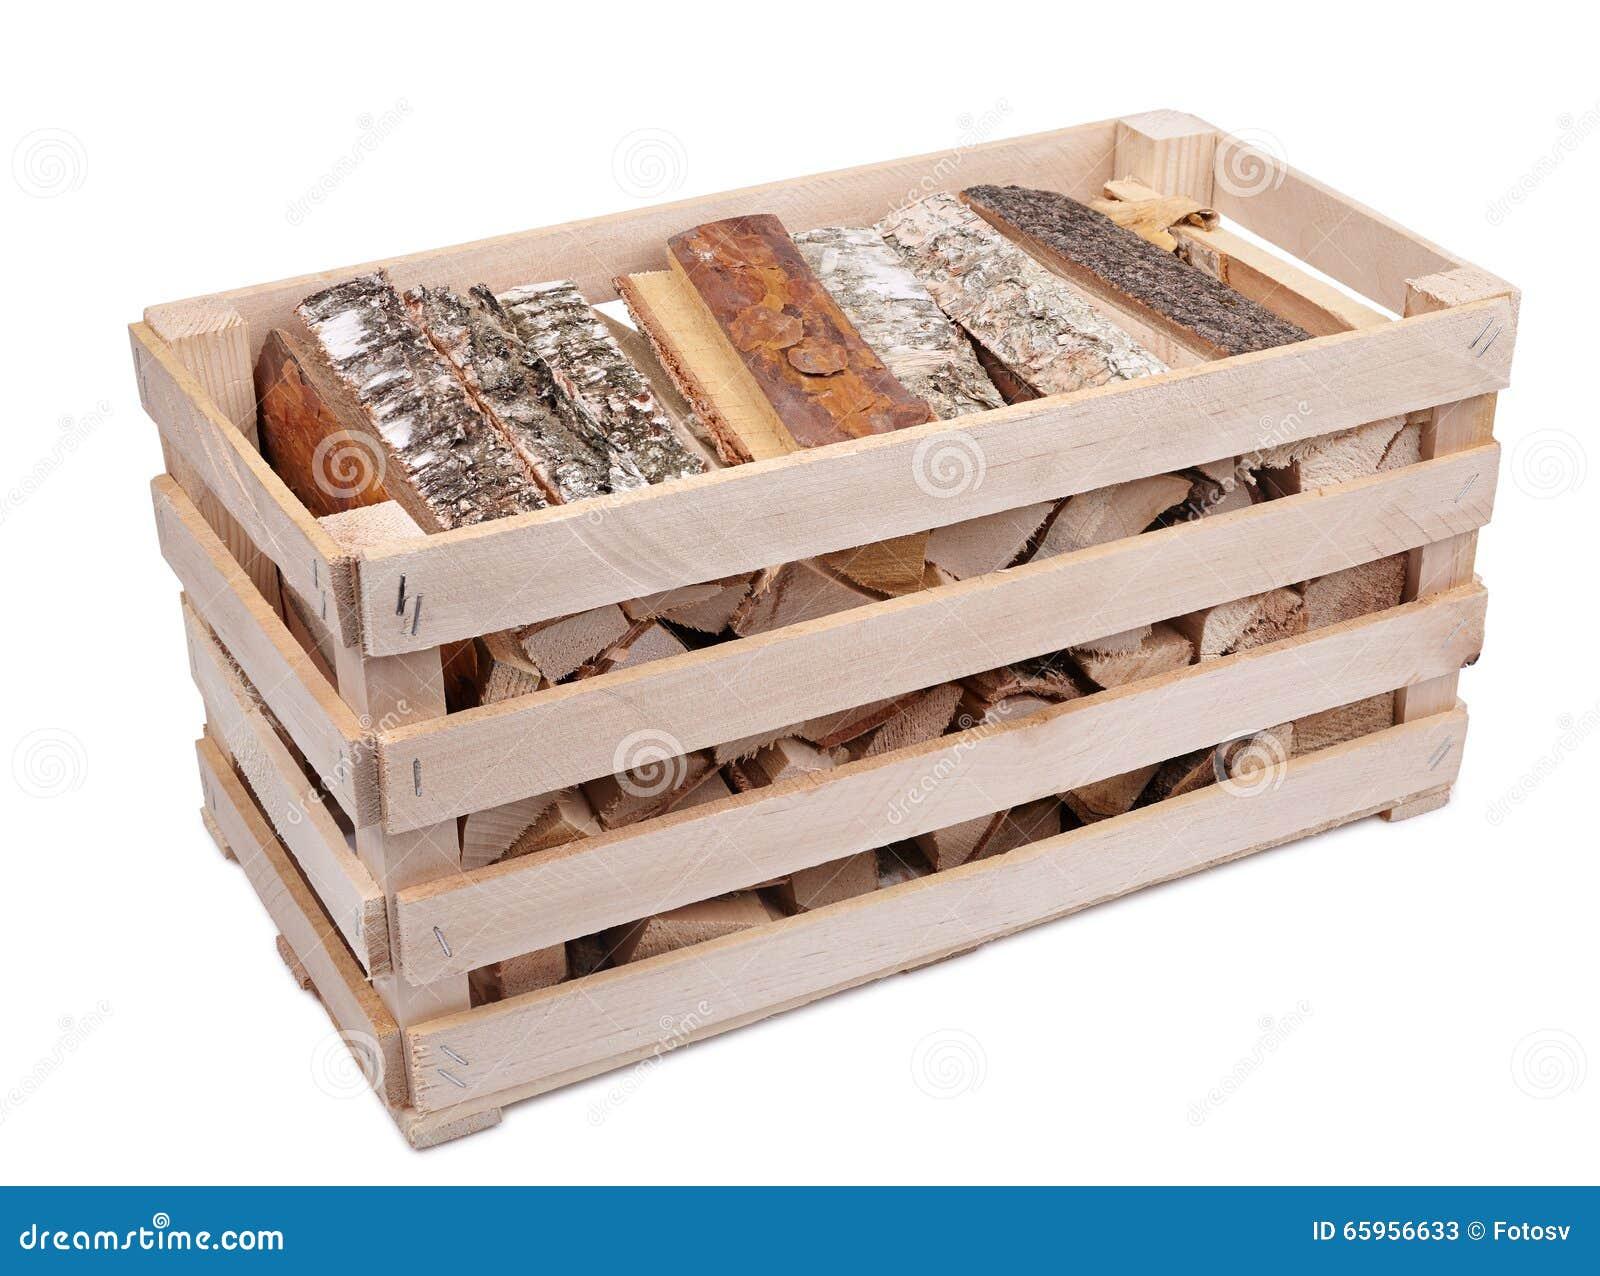 Caisse avec le bois de chauffage image stock image du - Bois de chauffage peuplier ...